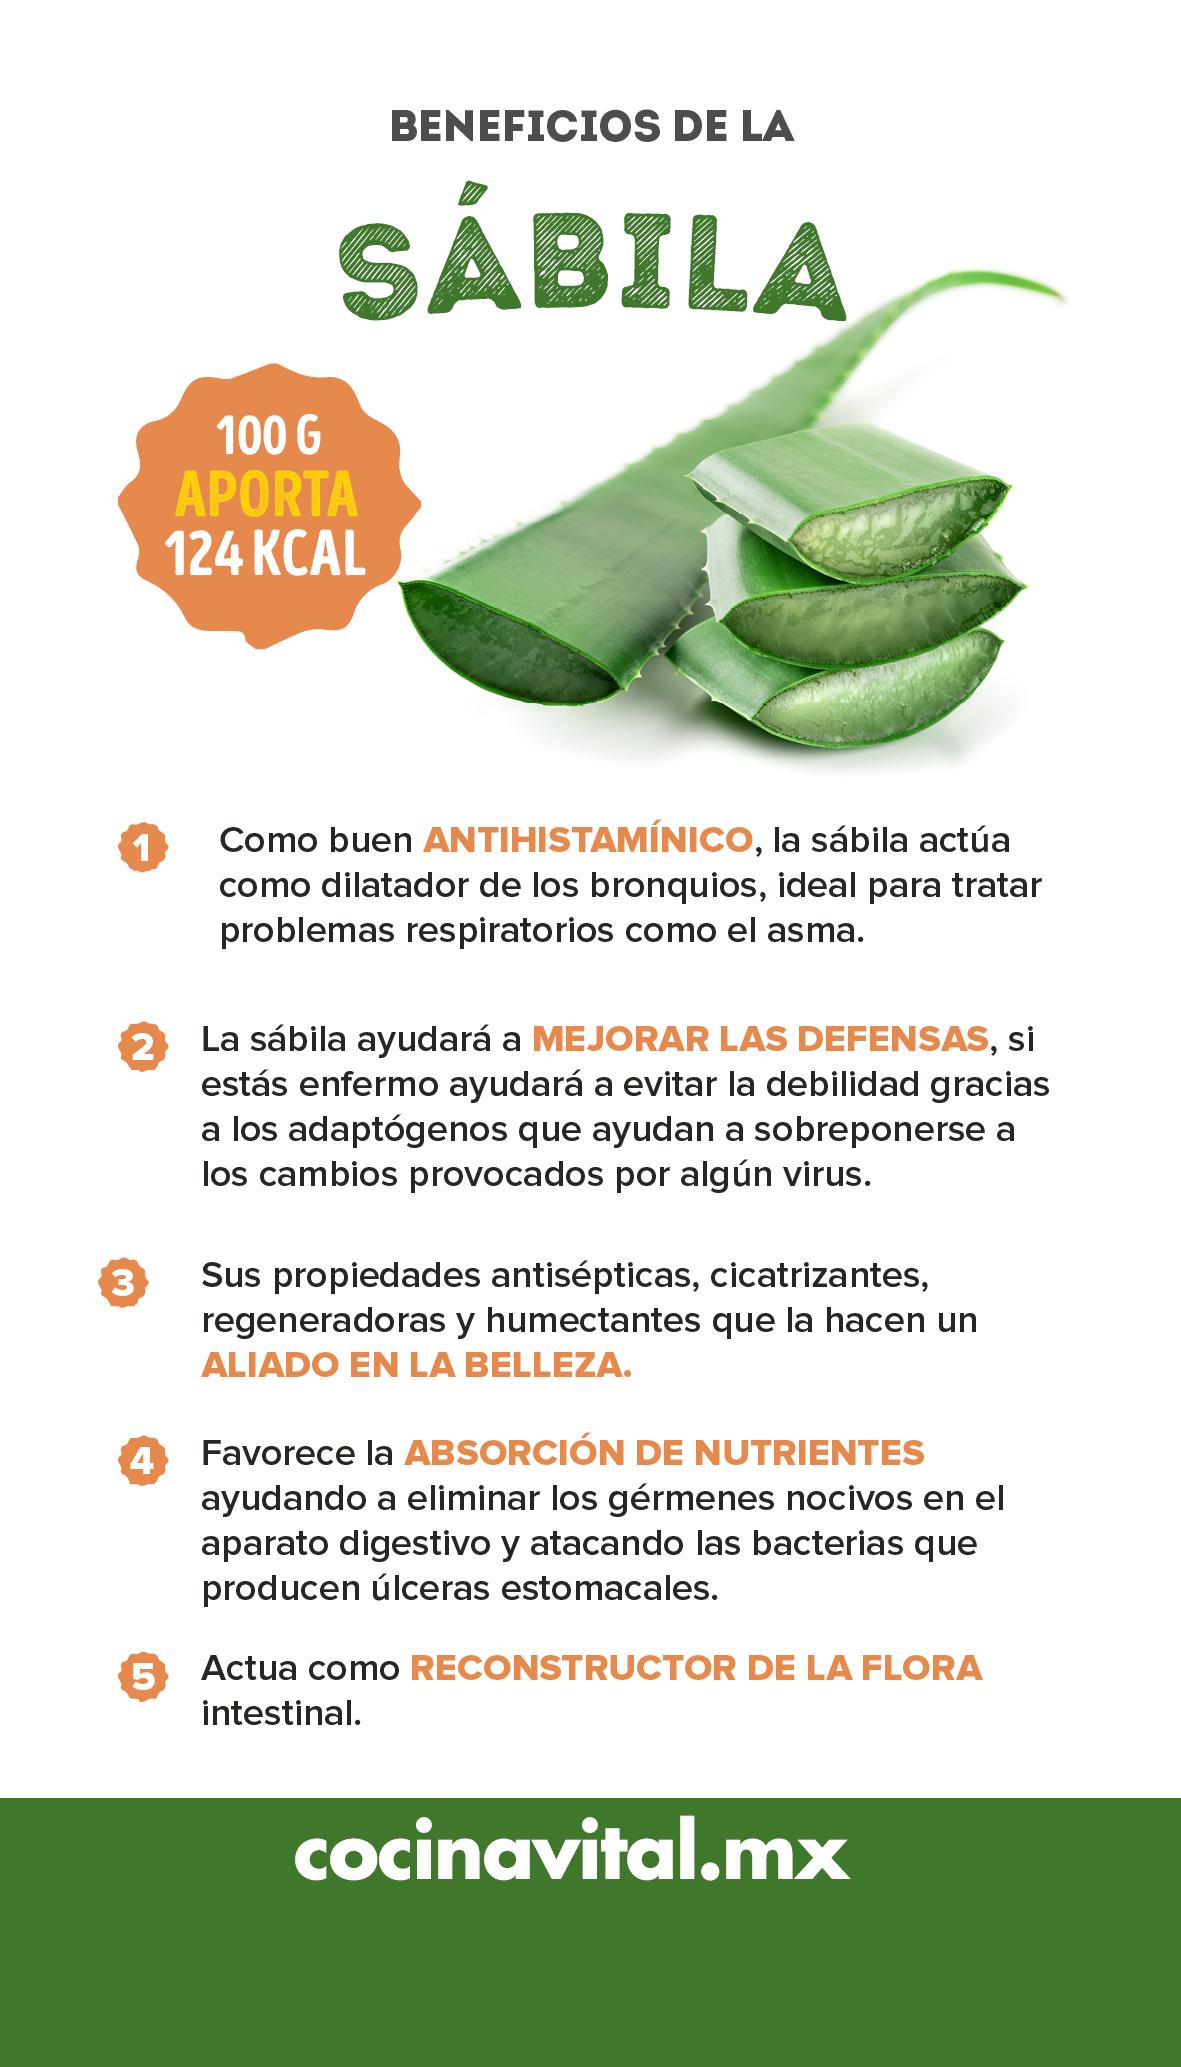 8 Grandes Beneficios De Consumir Sábila O Aloe Vera Cocina Vital Qué Cocinar Hoy Beneficios De Alimentos Nutrición Frutas Y Verduras Beneficios